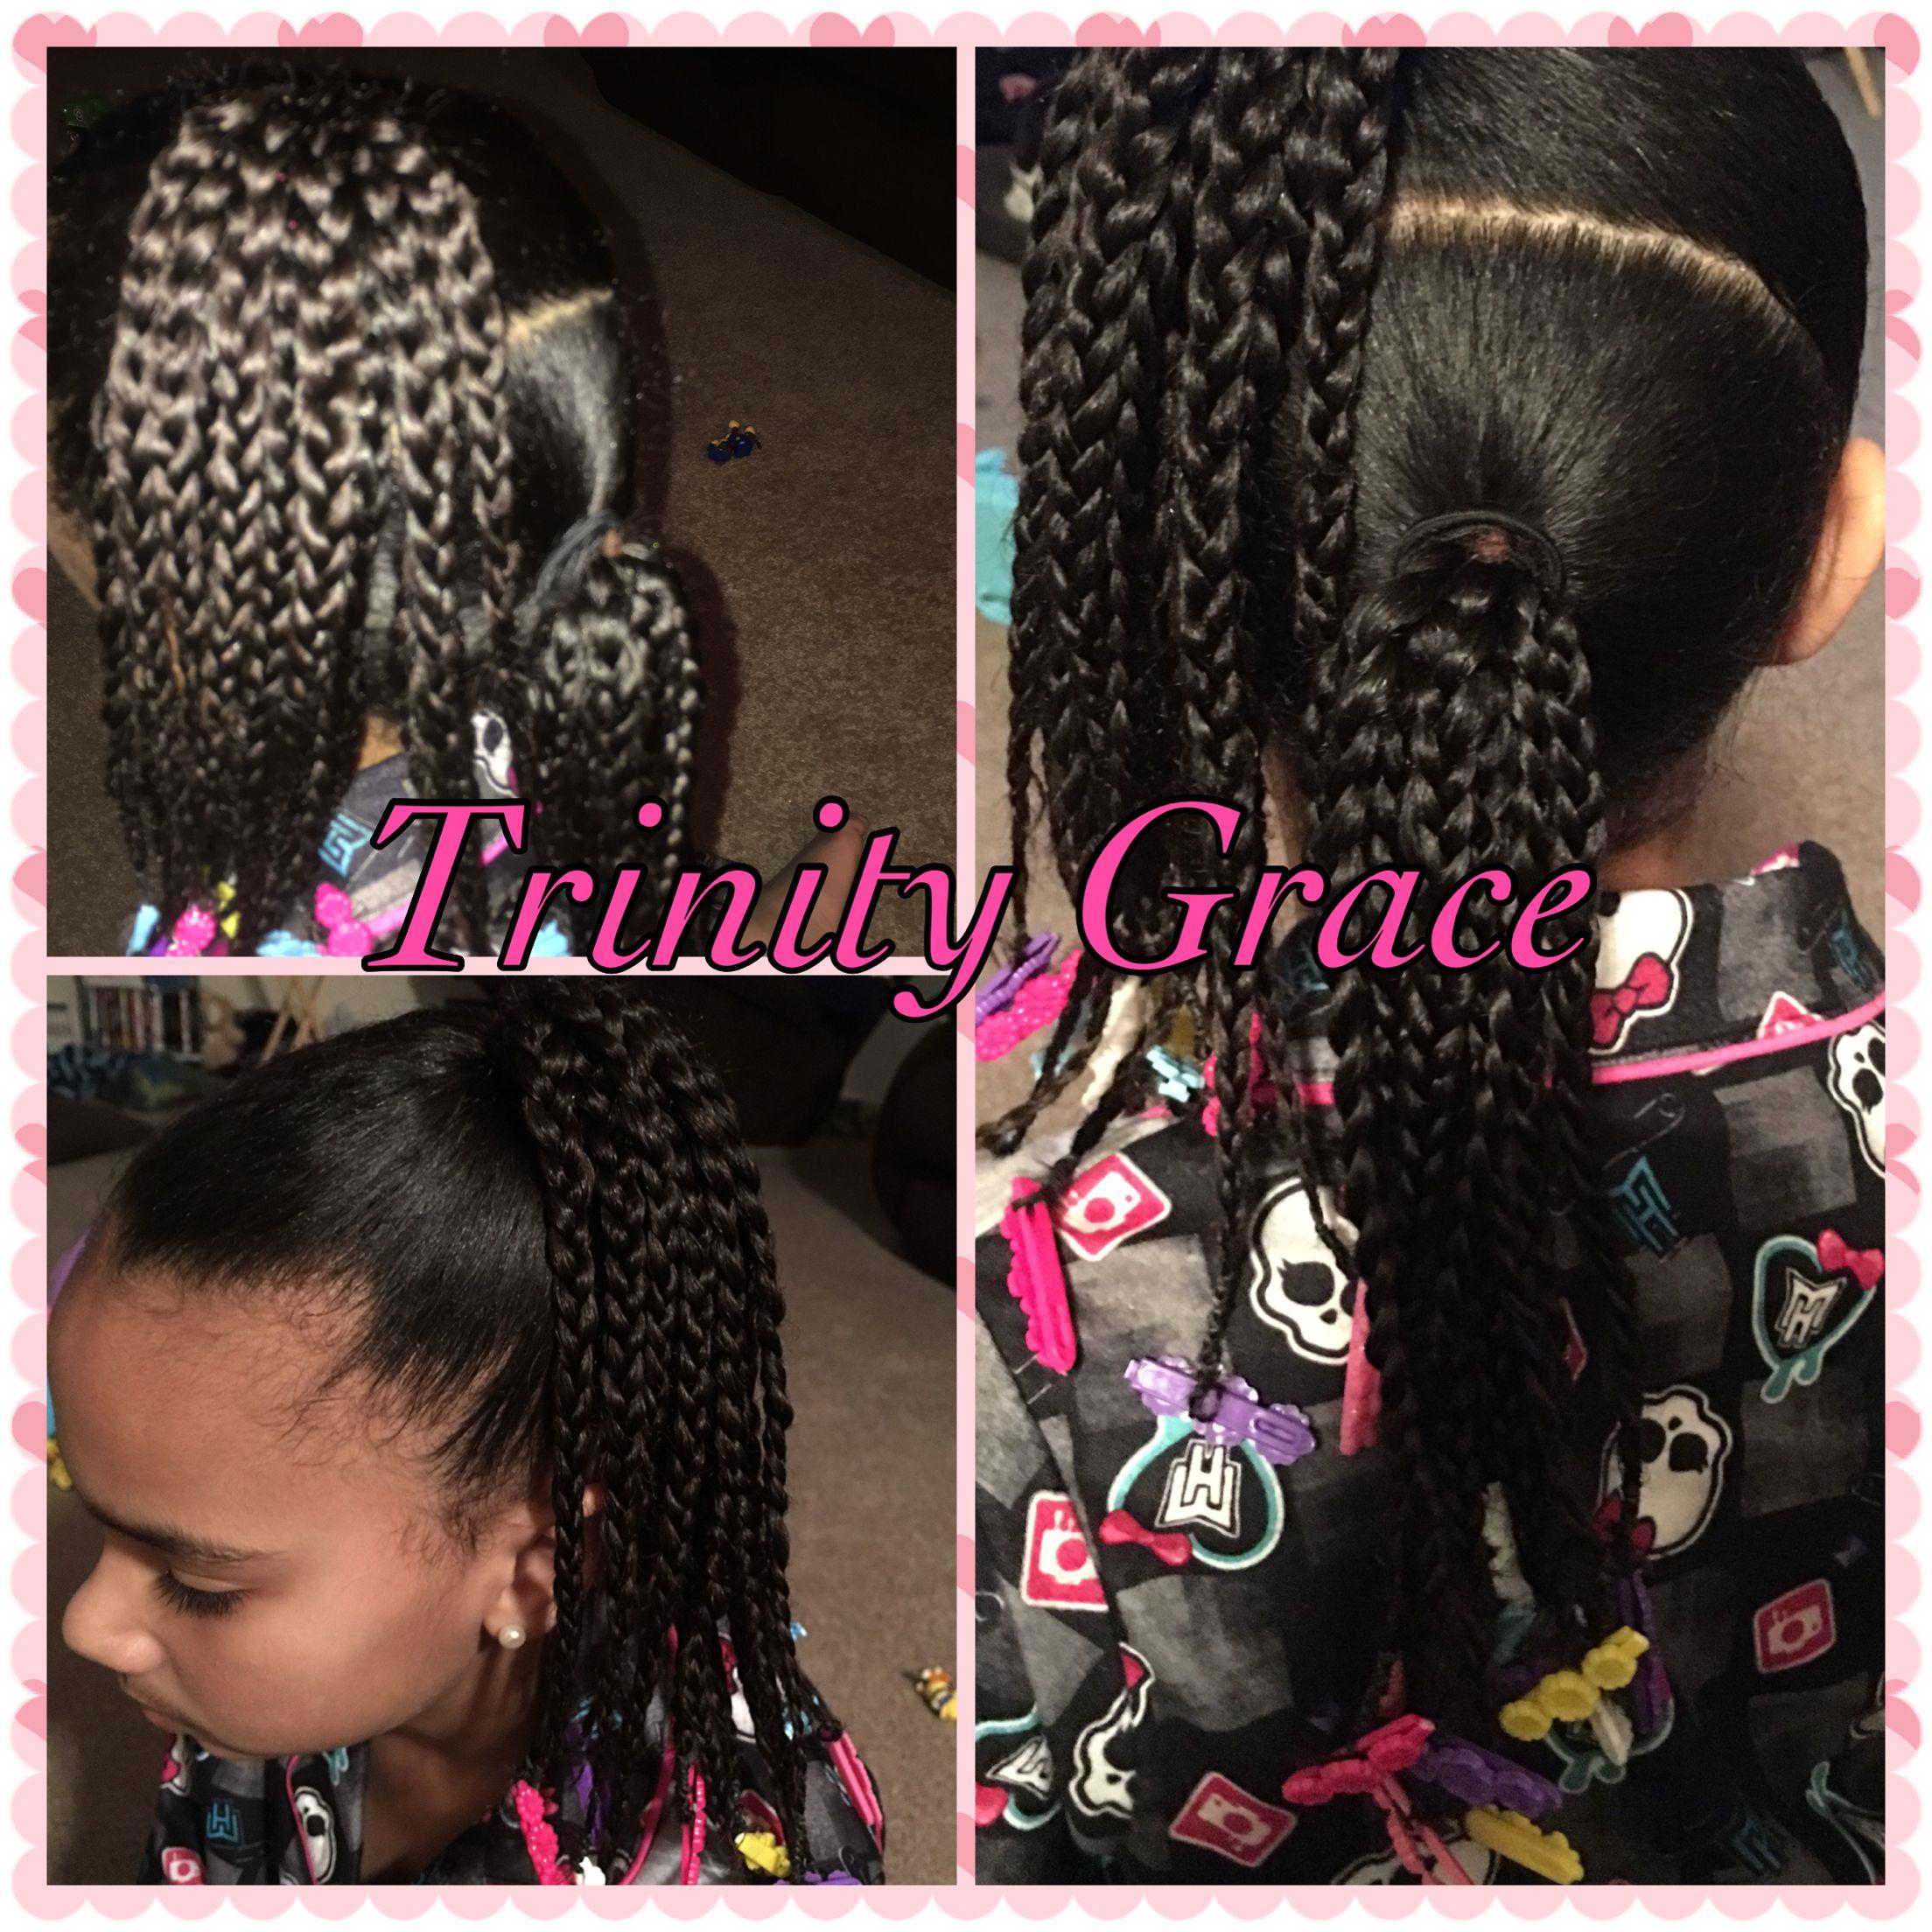 Ponytail mixed hair cute braids have a good hair day